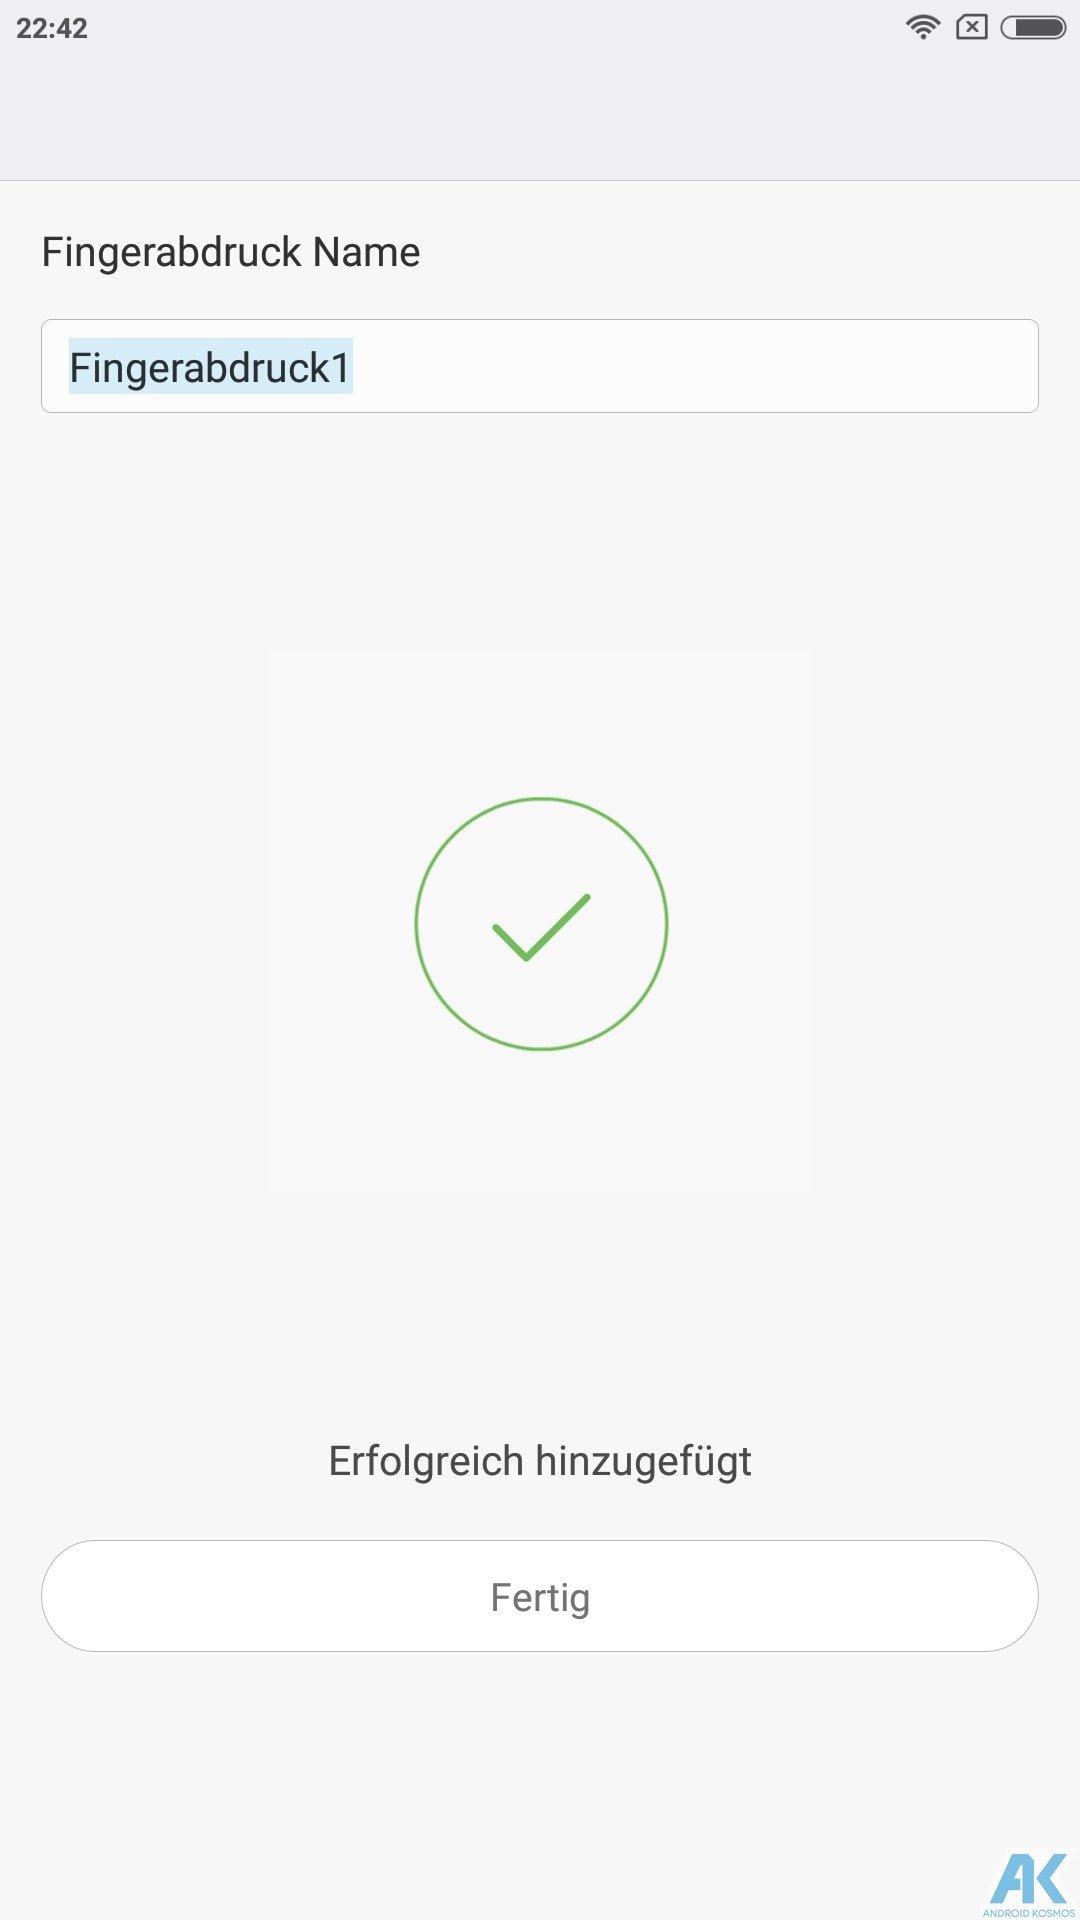 Xiaomi Mi Max 2 Test: Das Phablet ist ein wahrer Akkugigant 26